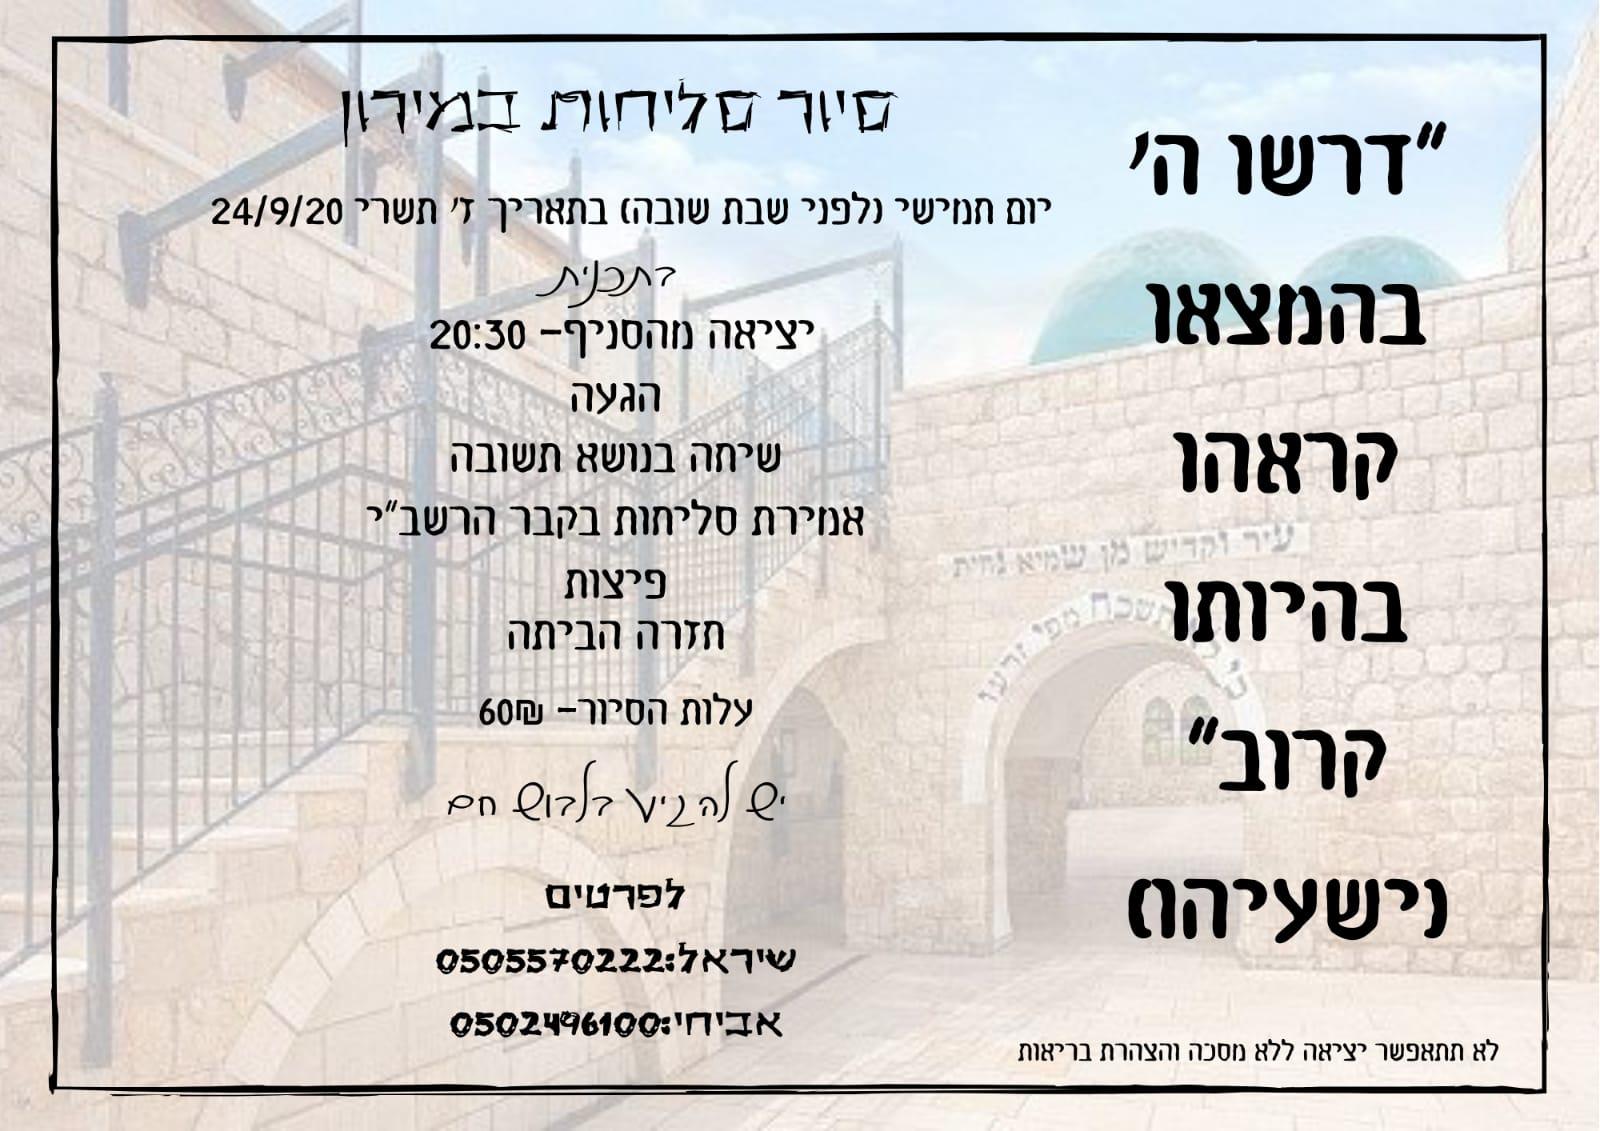 """נסיעה לסיור סליחות בקבר הרשב""""י (הר מירון) 24.9 יום ה'"""